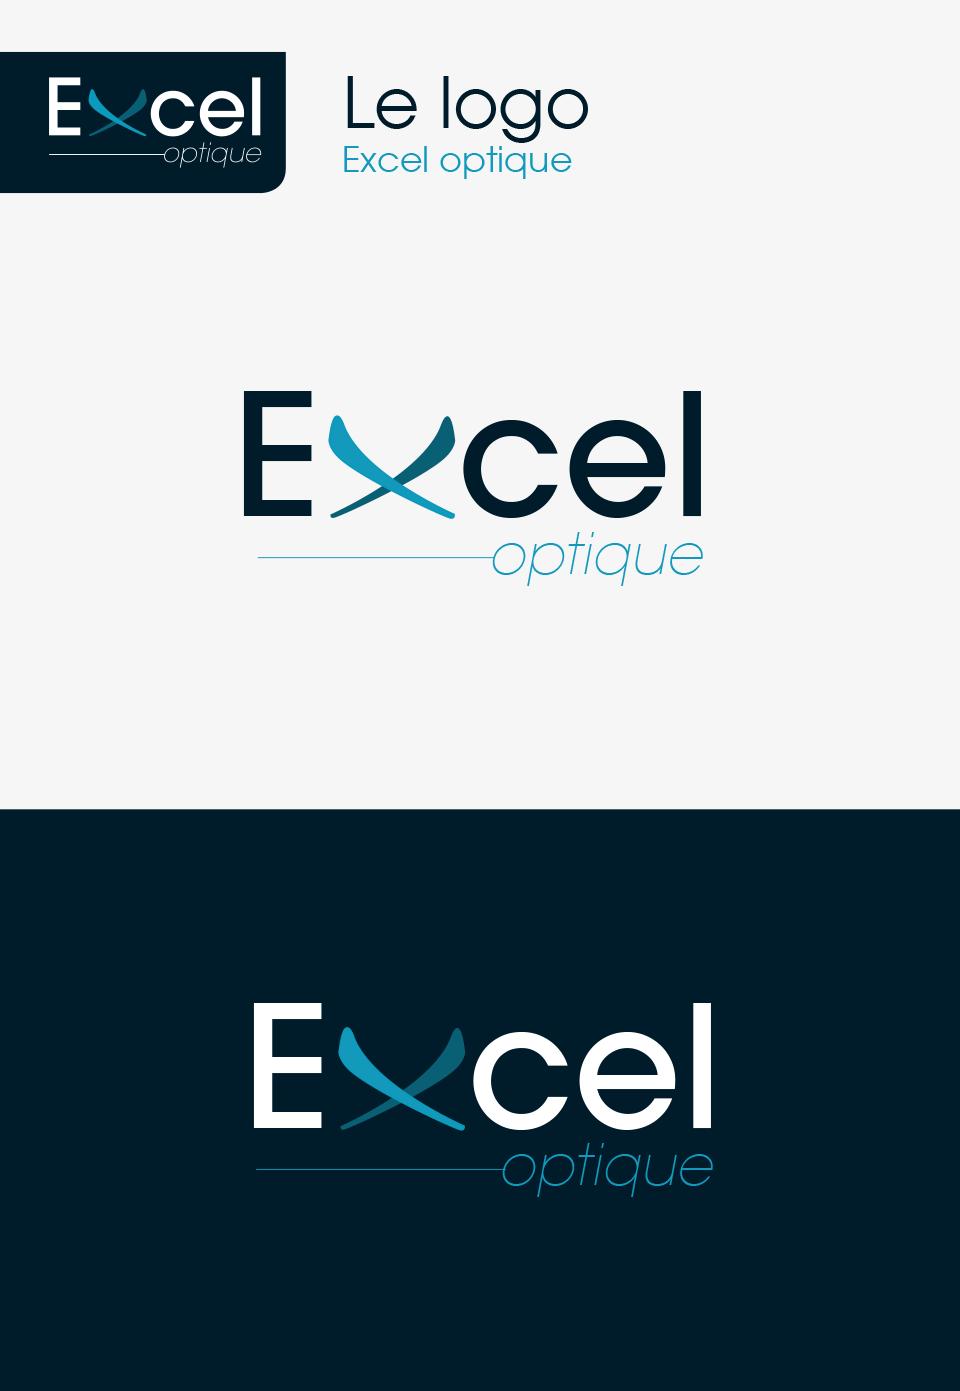 charte-graphique---Excel-optique-2016-3